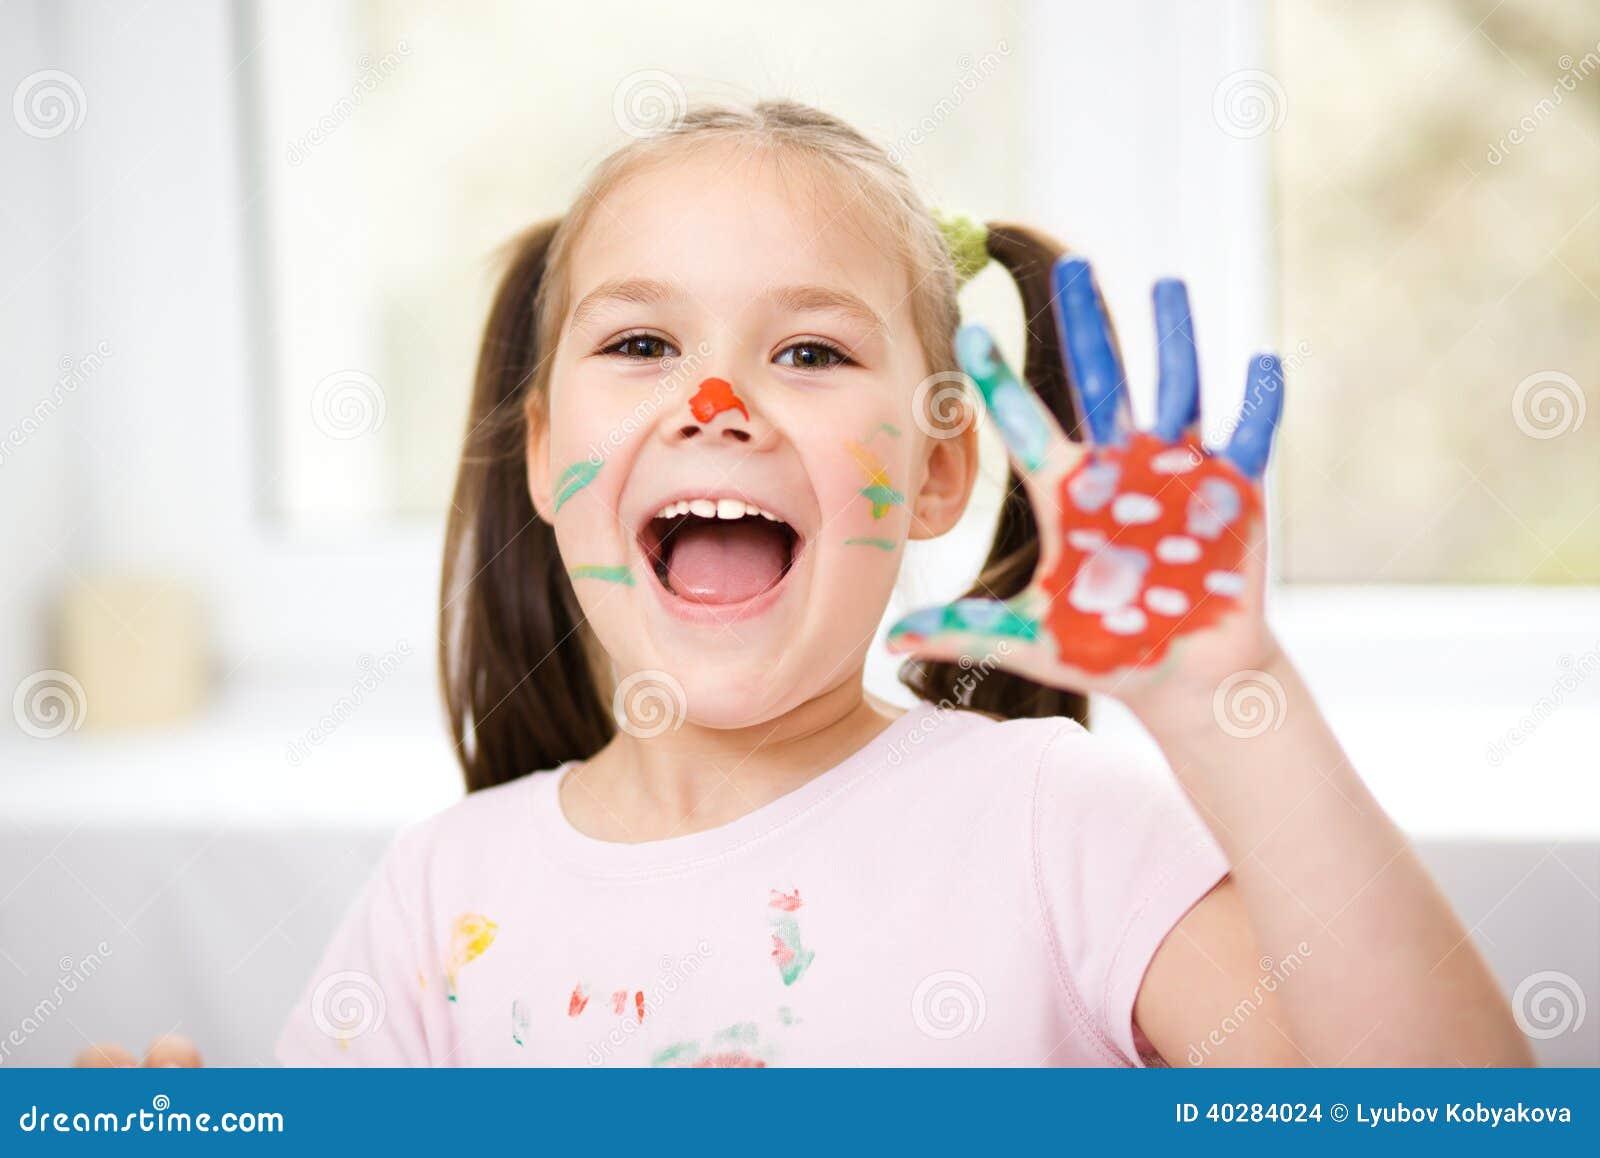 Портрет милой девушки играя с красками